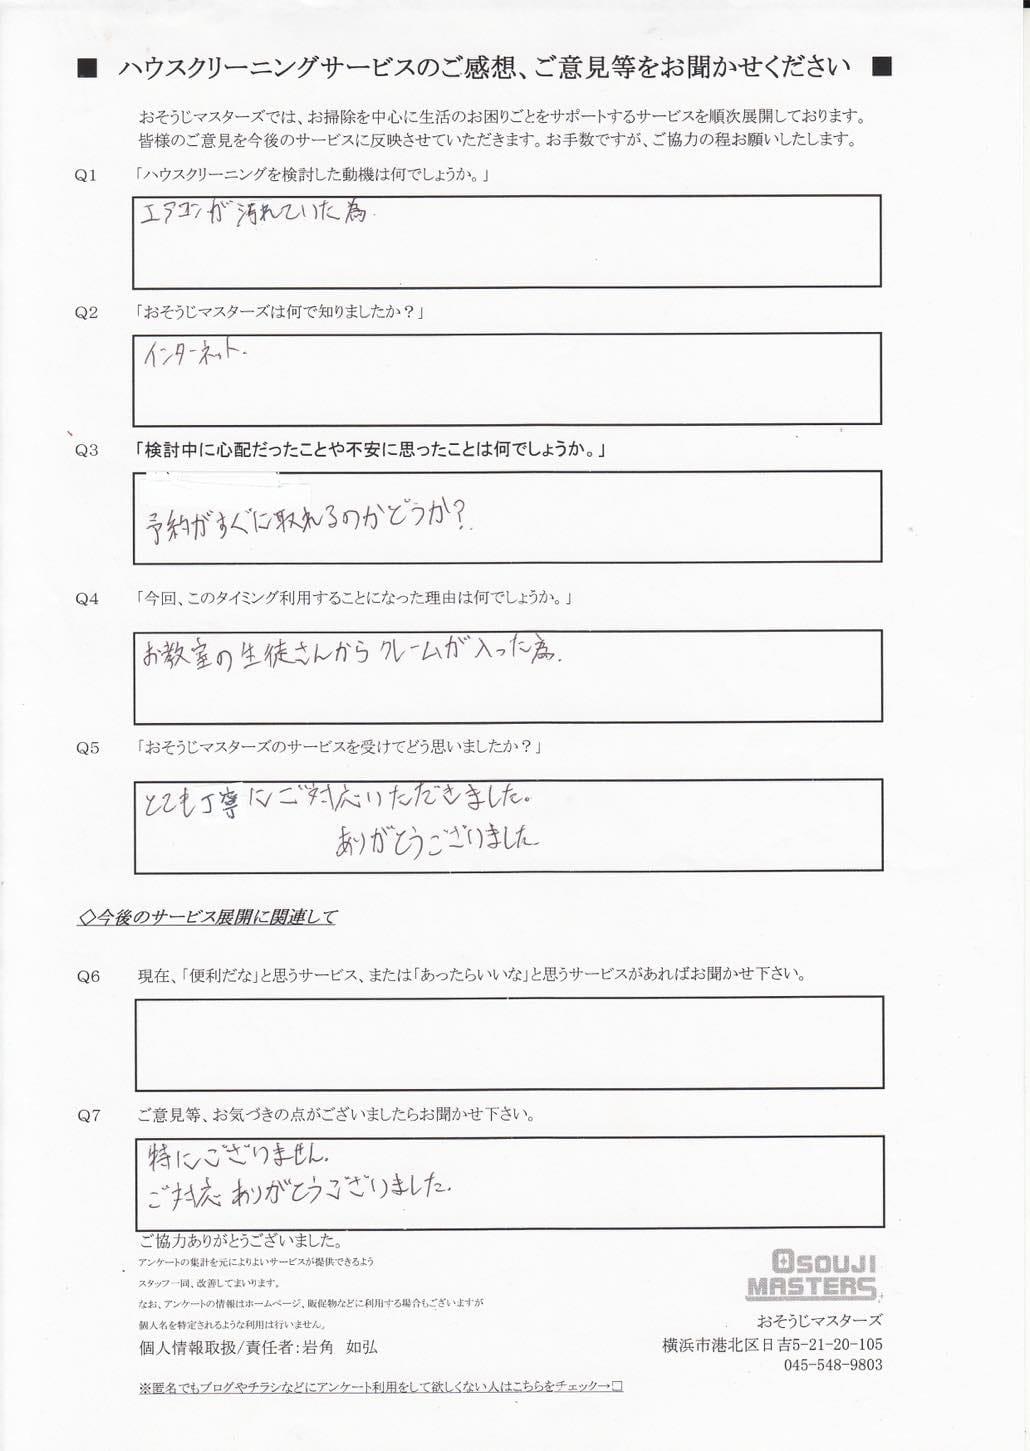 2015/08/01 エアコンクリーニング 川崎市幸区